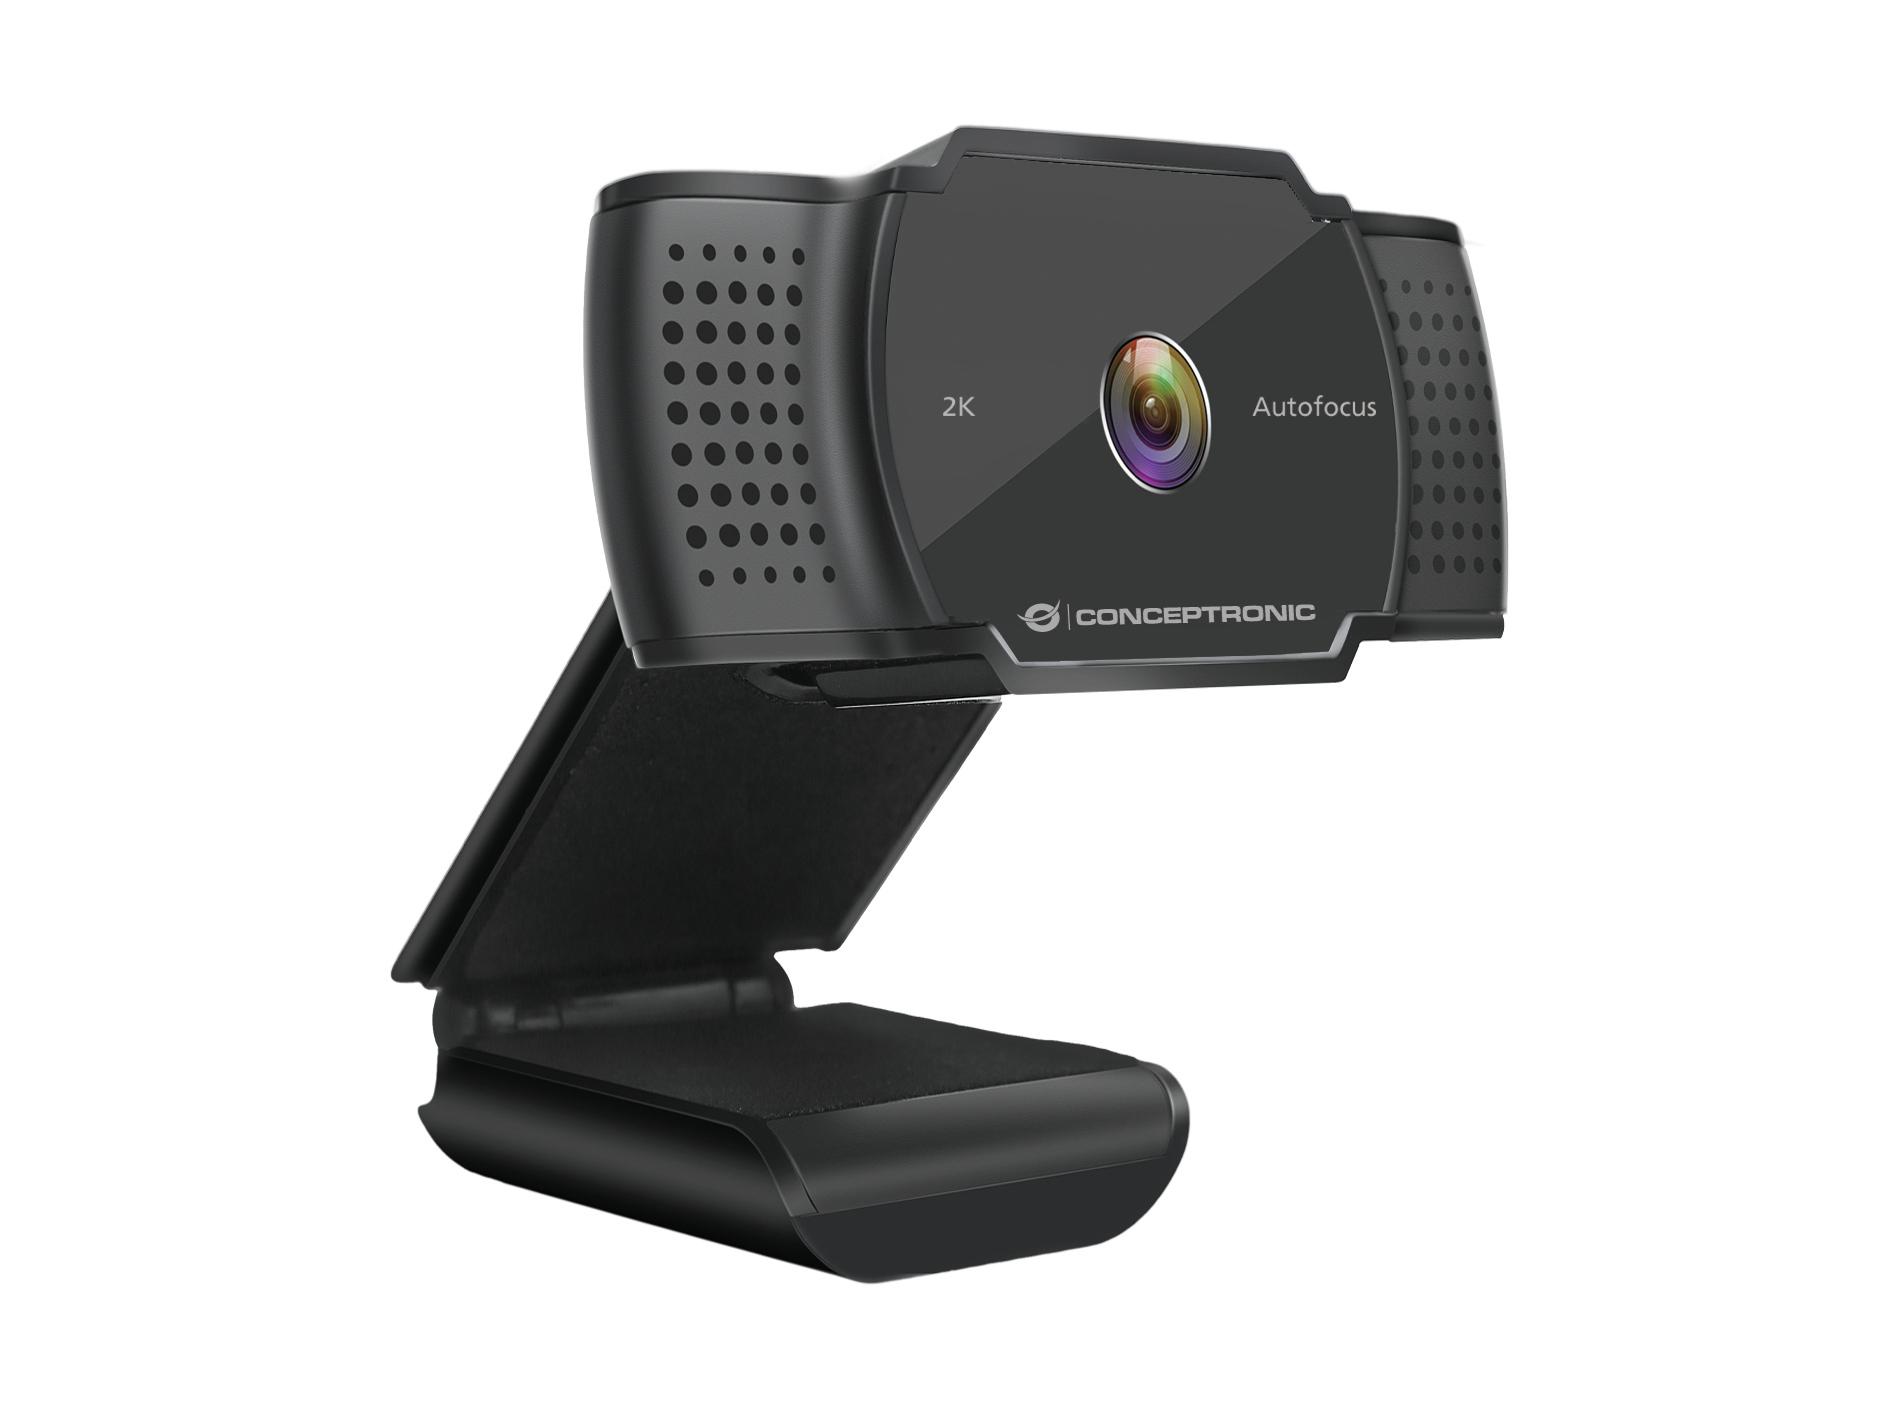 Conceptronic Webcam AMDIS 2k Super HD AF-Webcam+Microphon.sw - Webcam